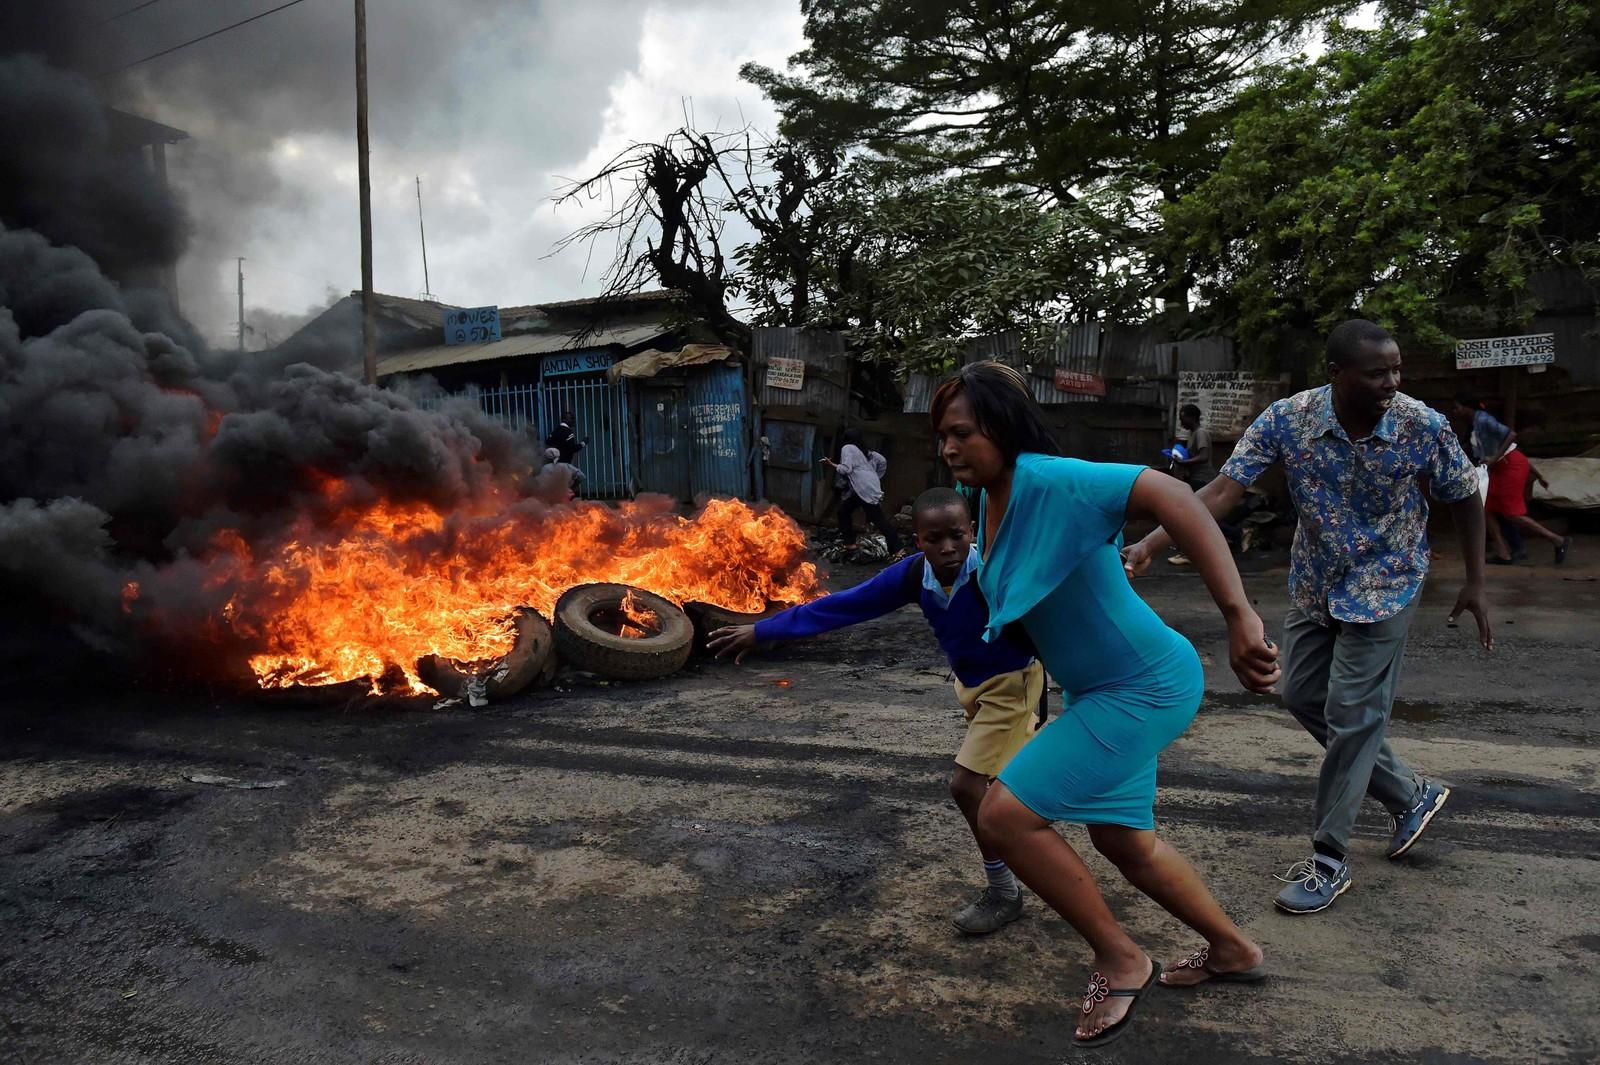 DEMONSTRASJON 2: En kvinne river med seg en skoleelev i Kibera-slummen i Nairobi, Kenya under en politisk demonstrasjon denne uka.